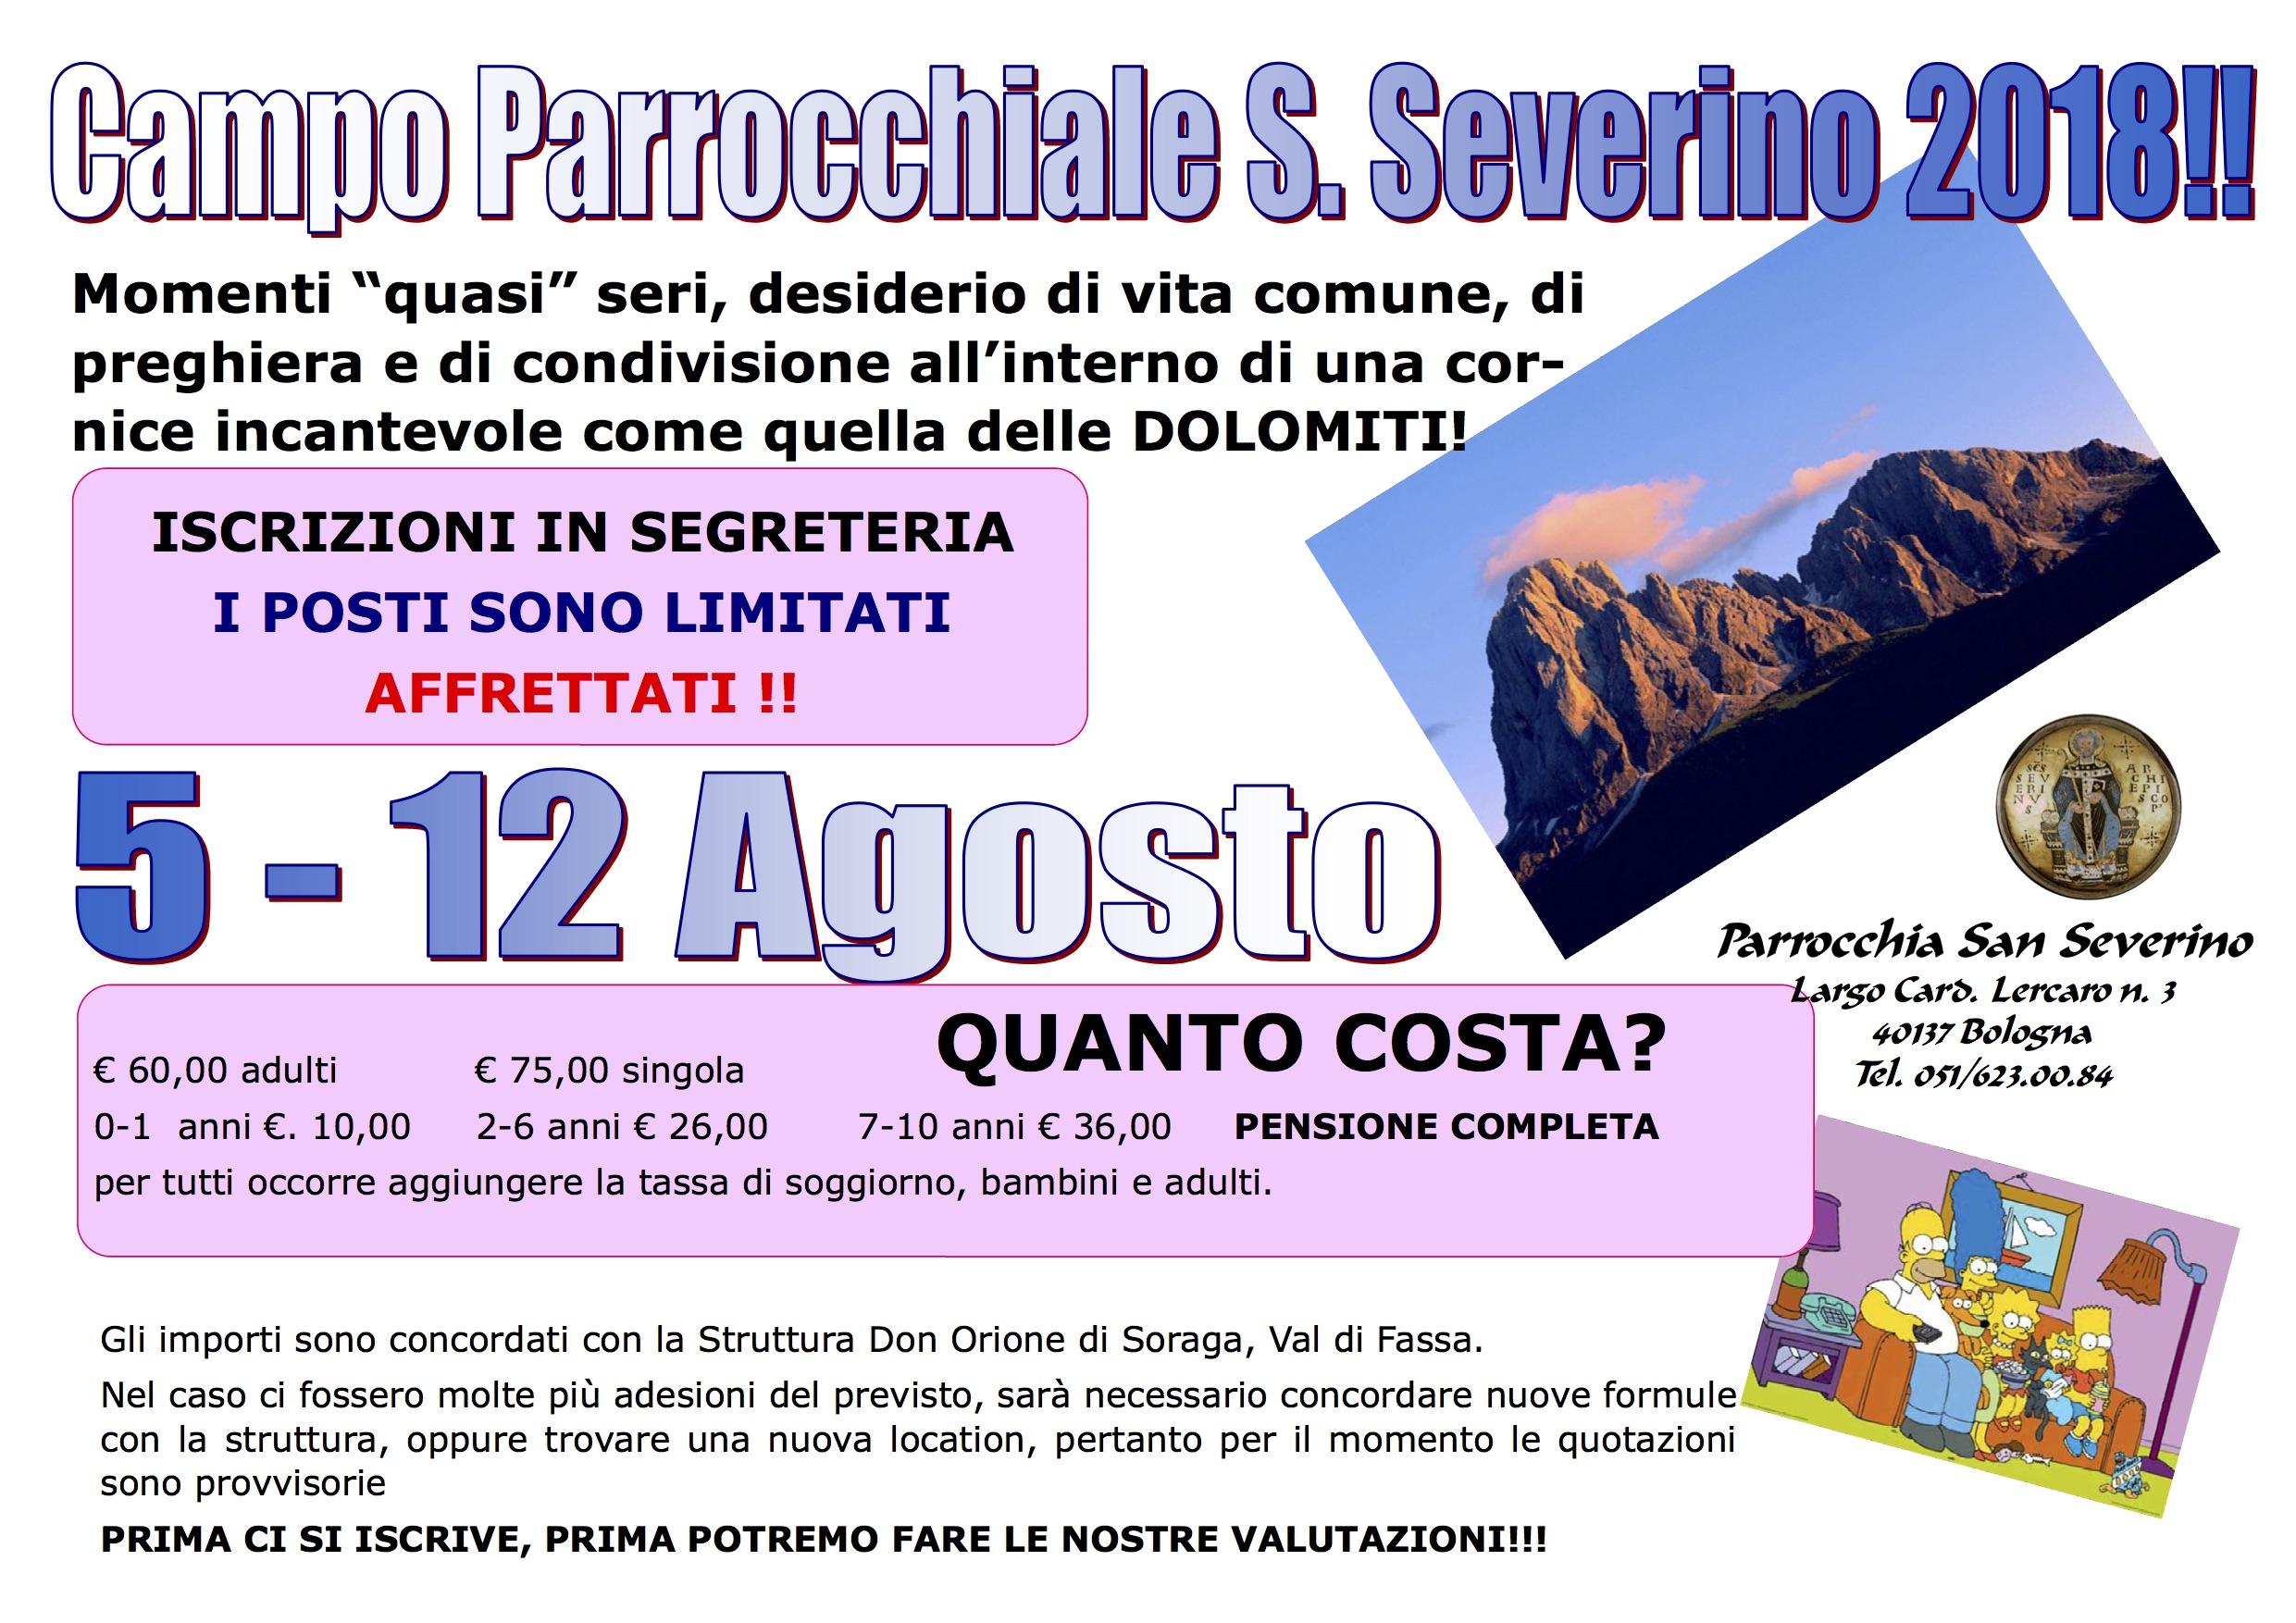 Campo Estivo Parrocchiale – Parrocchia di San Severino Bologna